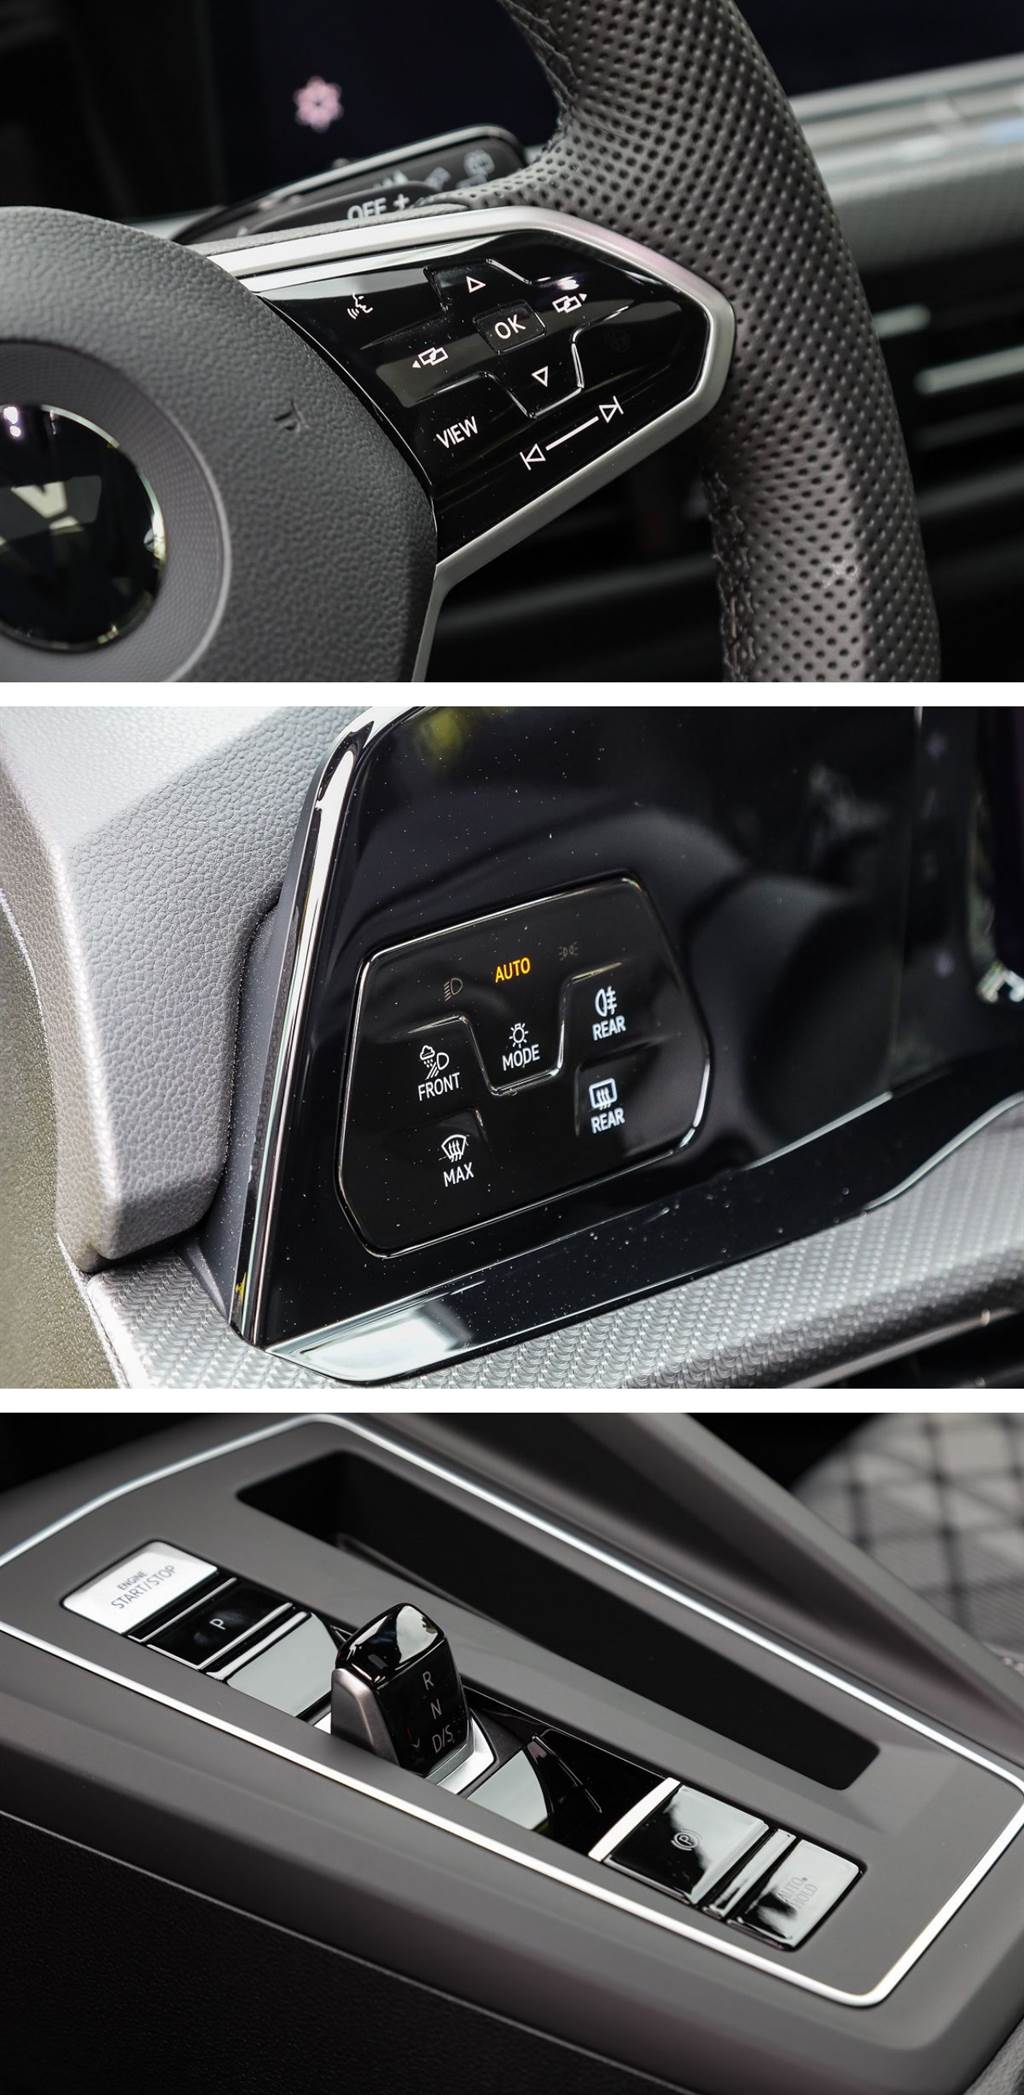 新式的電傳線控排檔頭已經打破傳統排檔頭的大小與操作,也與集團Porsche的排檔桿有些神似。